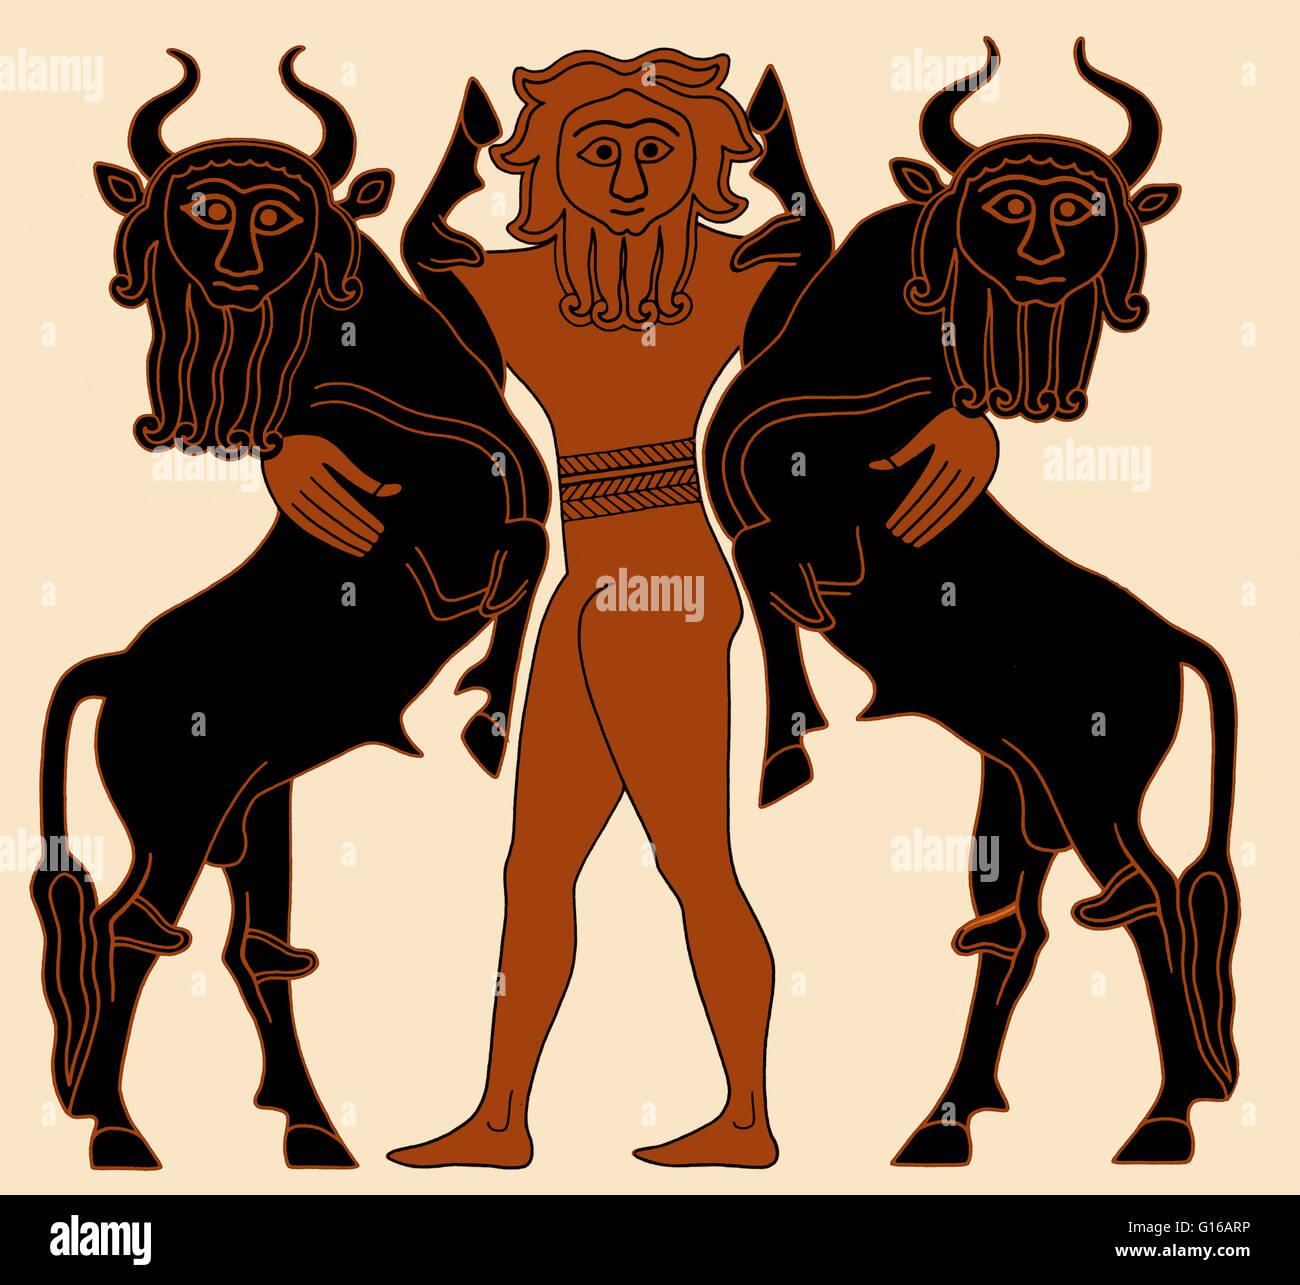 Illustration Depicting Gilgamesh Subduing Two Bulls Based